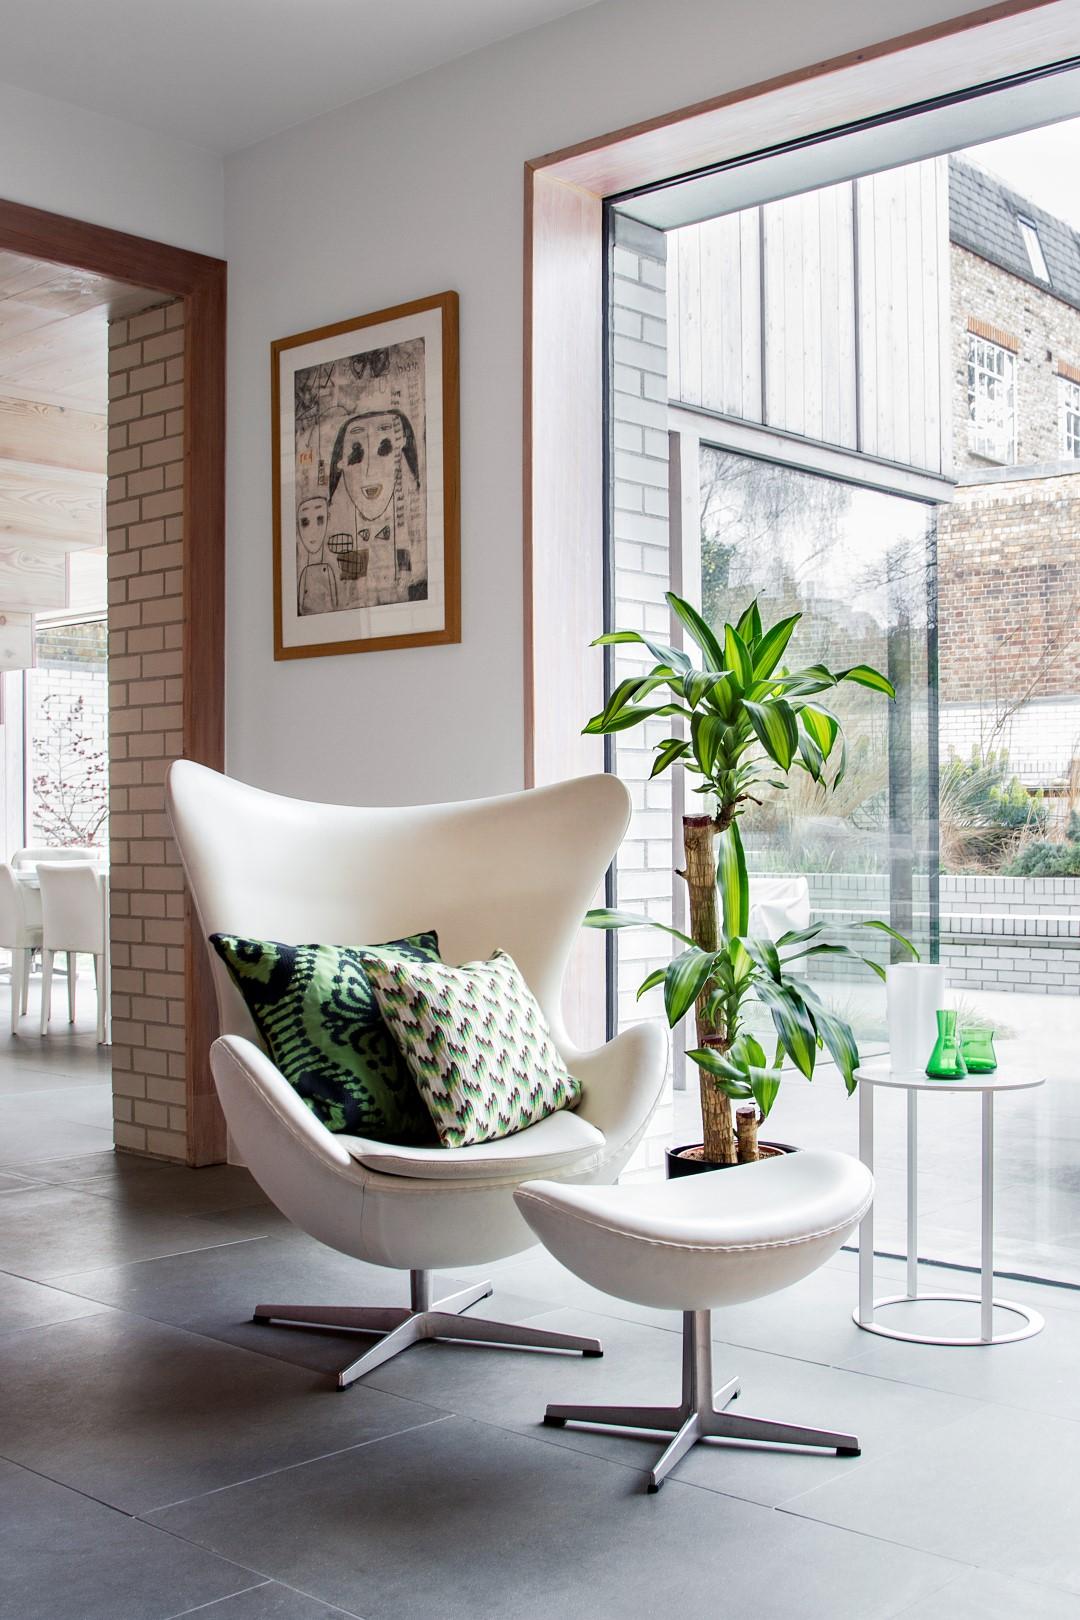 Phong cách thiết kế nội thất Cận hiện đại - ảnh 3